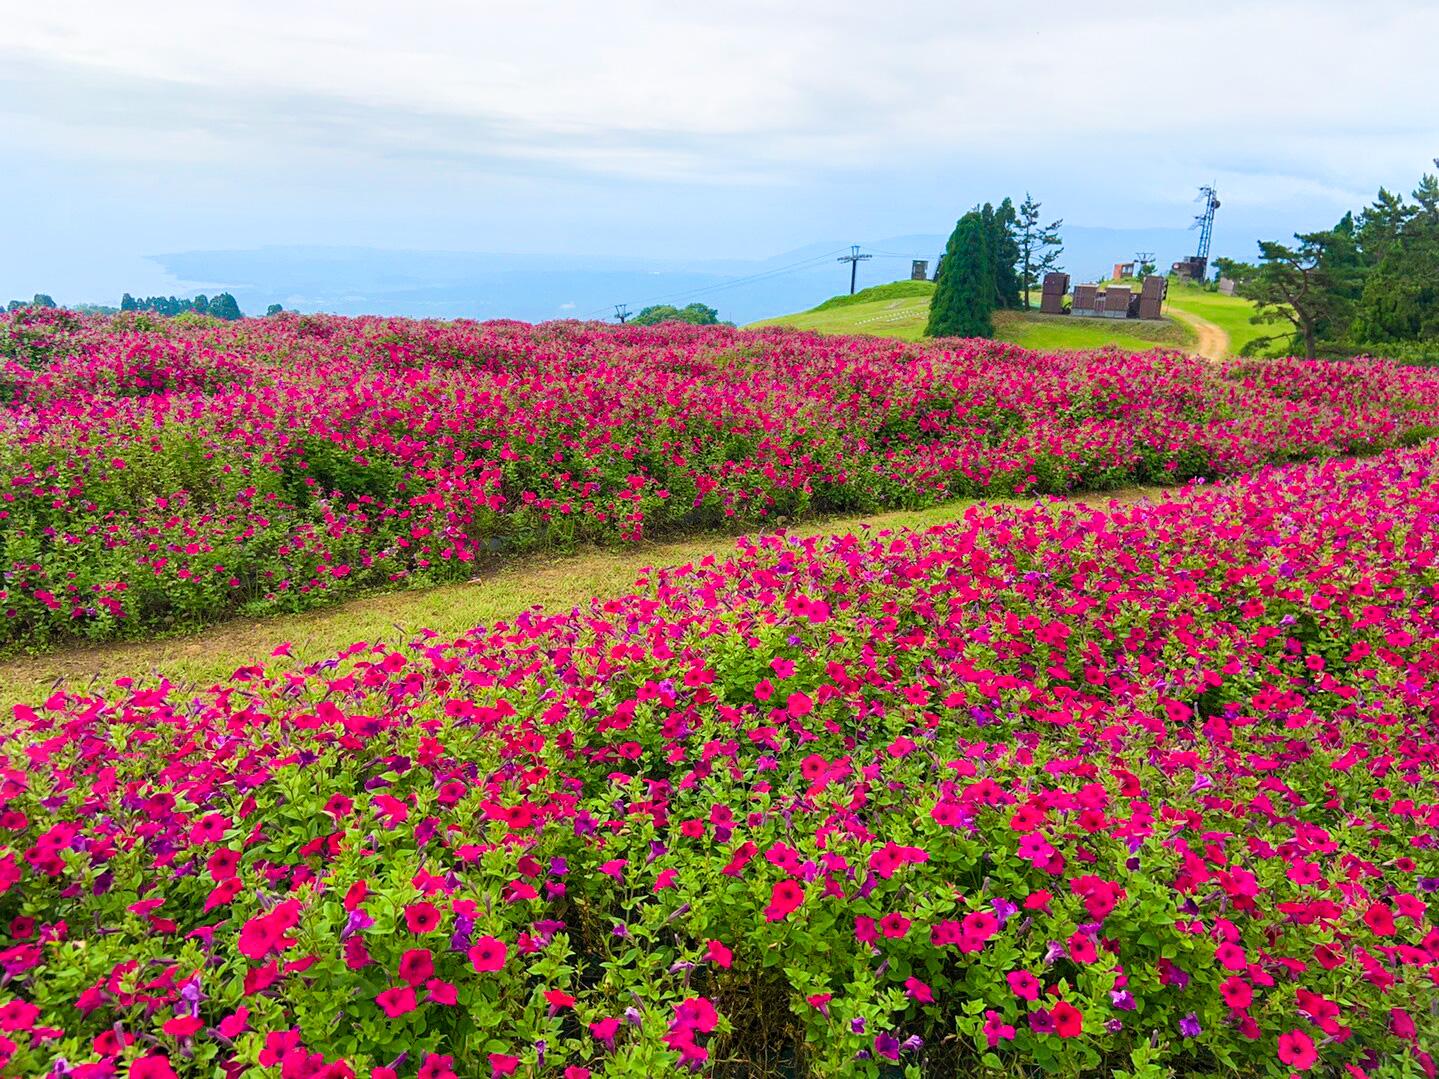 びわこ箱館山 ペチュニア畑